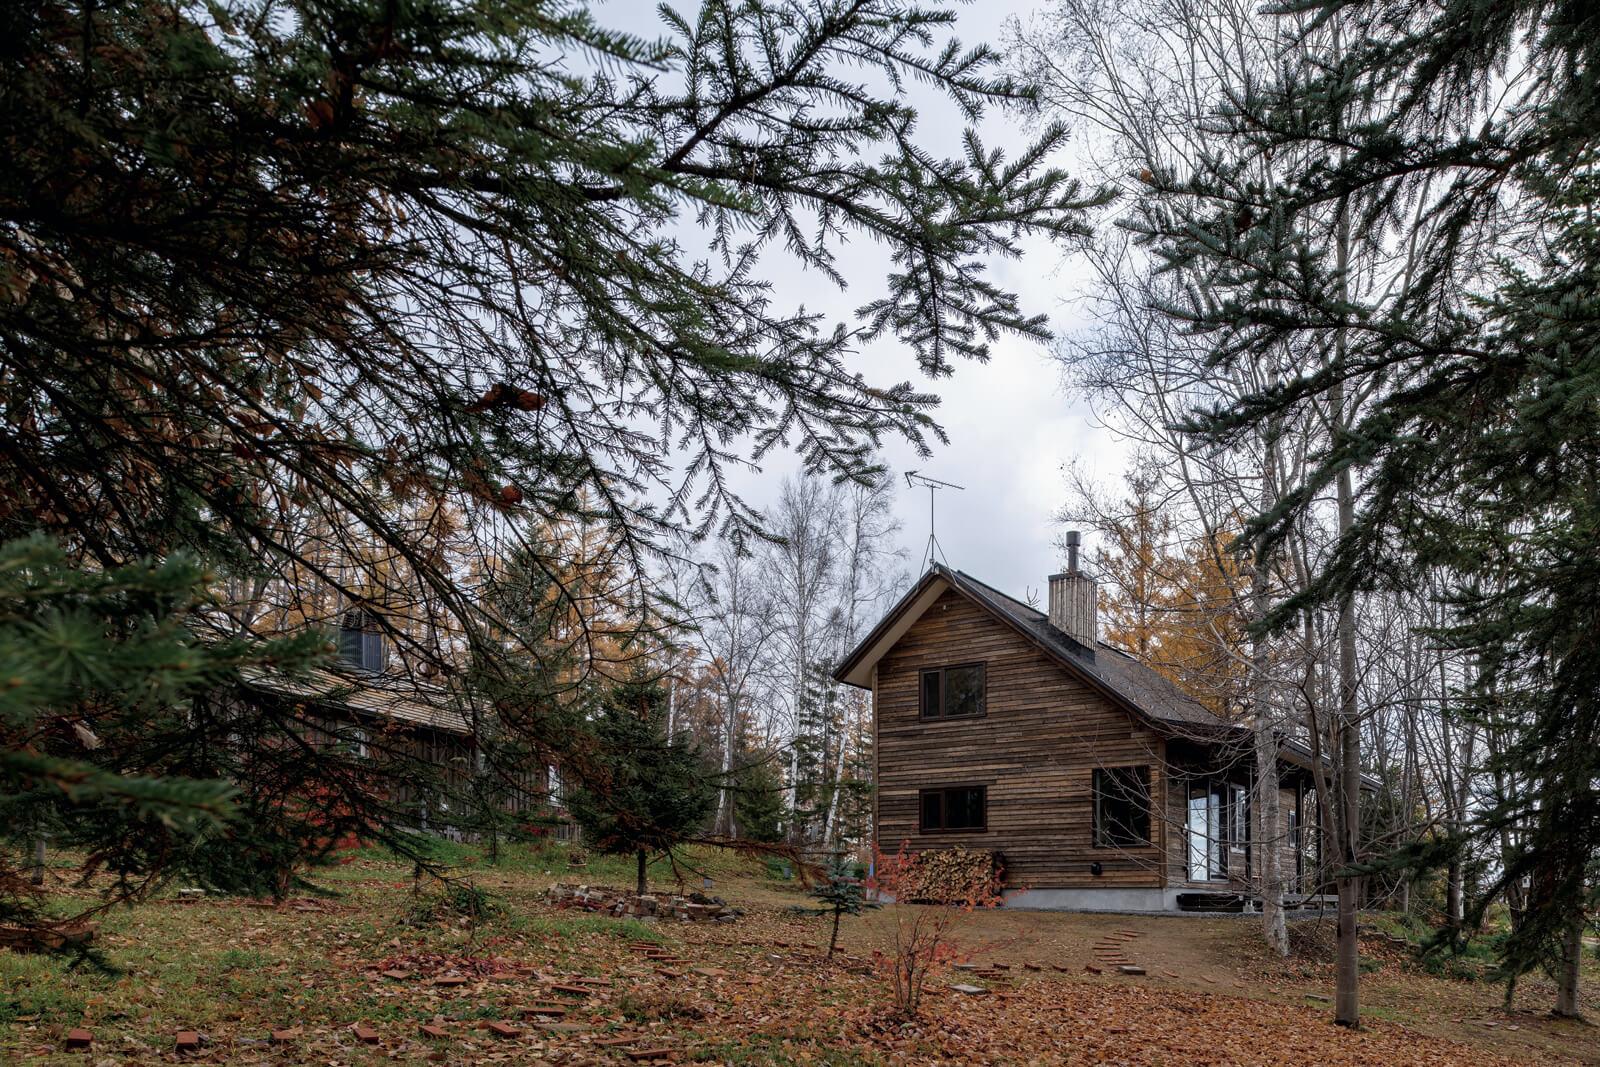 町の中でも、丘の景色と旭岳を眺望できる一等地に建っているSさん宅。広い庭から望むと森の中にひっそりと佇むような雰囲気